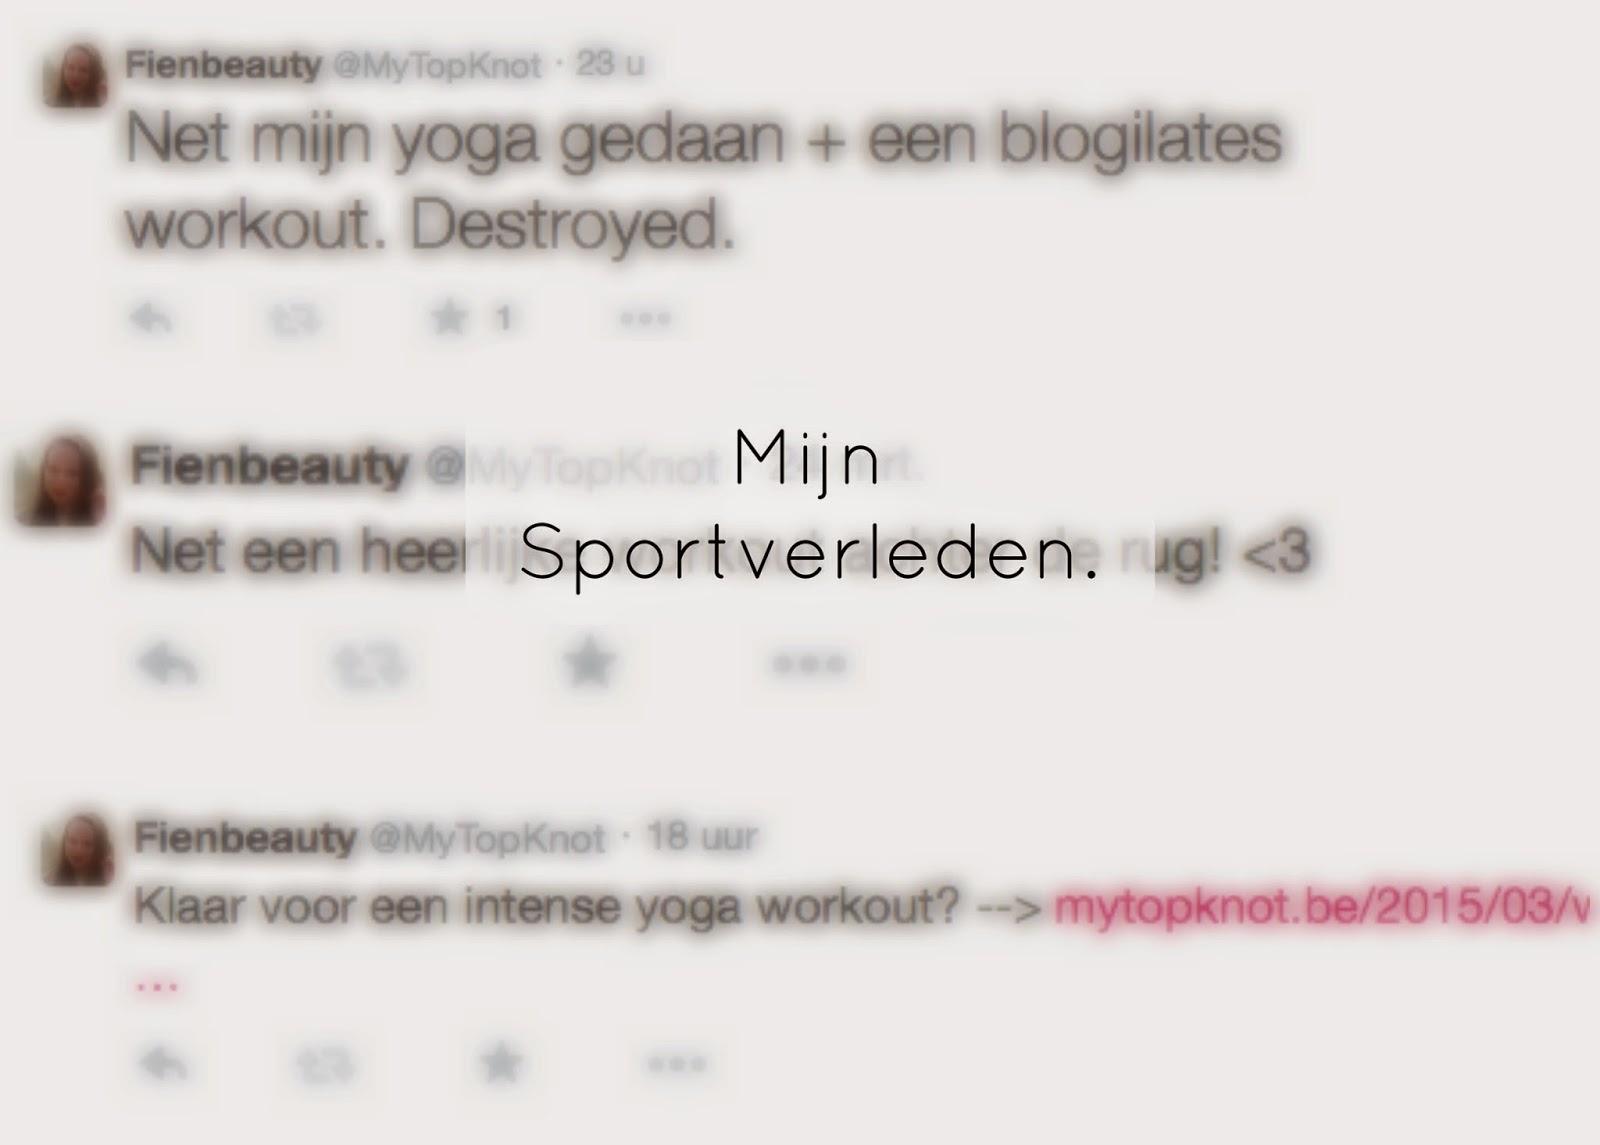 sportverleden mytopknot